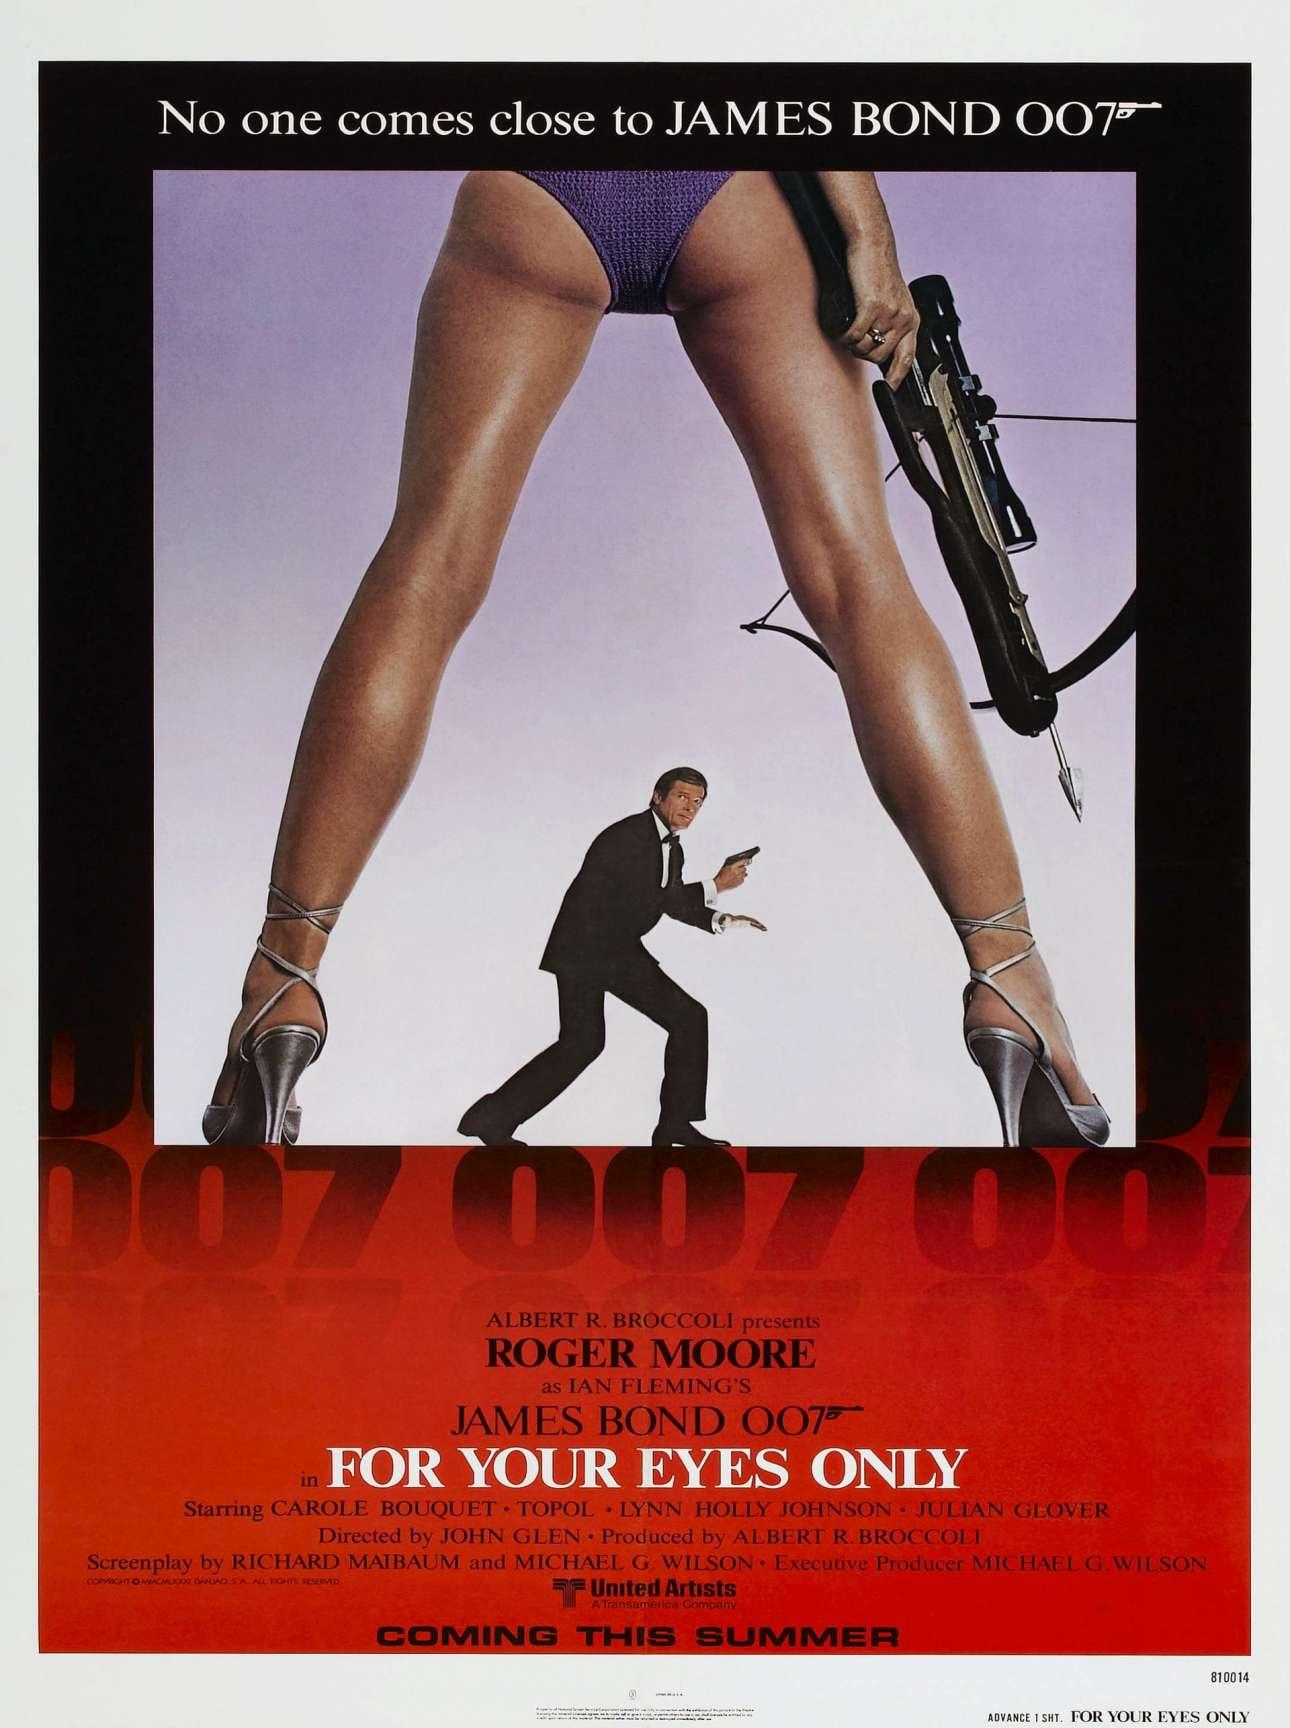 Ο Τζέιμς Μποντ στην ταινία «Για τα μάτια σου μόνο», 1981. «Προσπαθούμε να μην πούμε όλη την ιστορία. Προσπαθούμε να πούμε όσο λιγότερα γίνεται από την ιστορία, γιατί οτιδήποτε παραπάνω από αυτό προκαλεί σύγχυση»